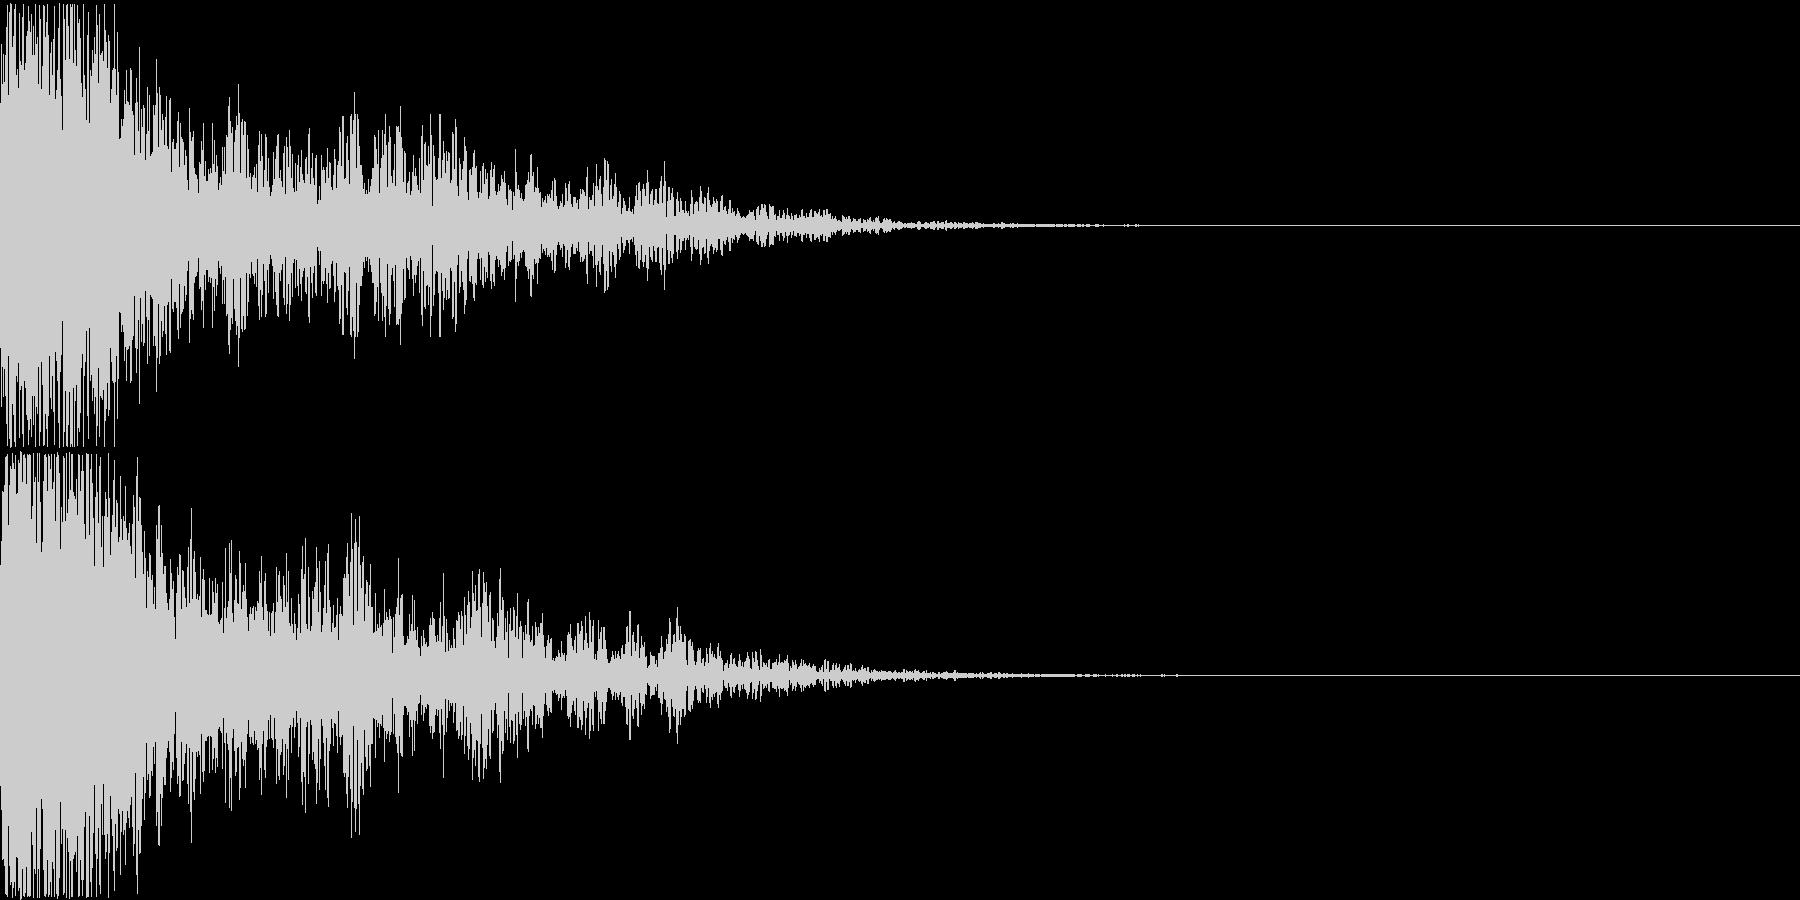 ロボット 合体 ガシーン キュイン 05の未再生の波形